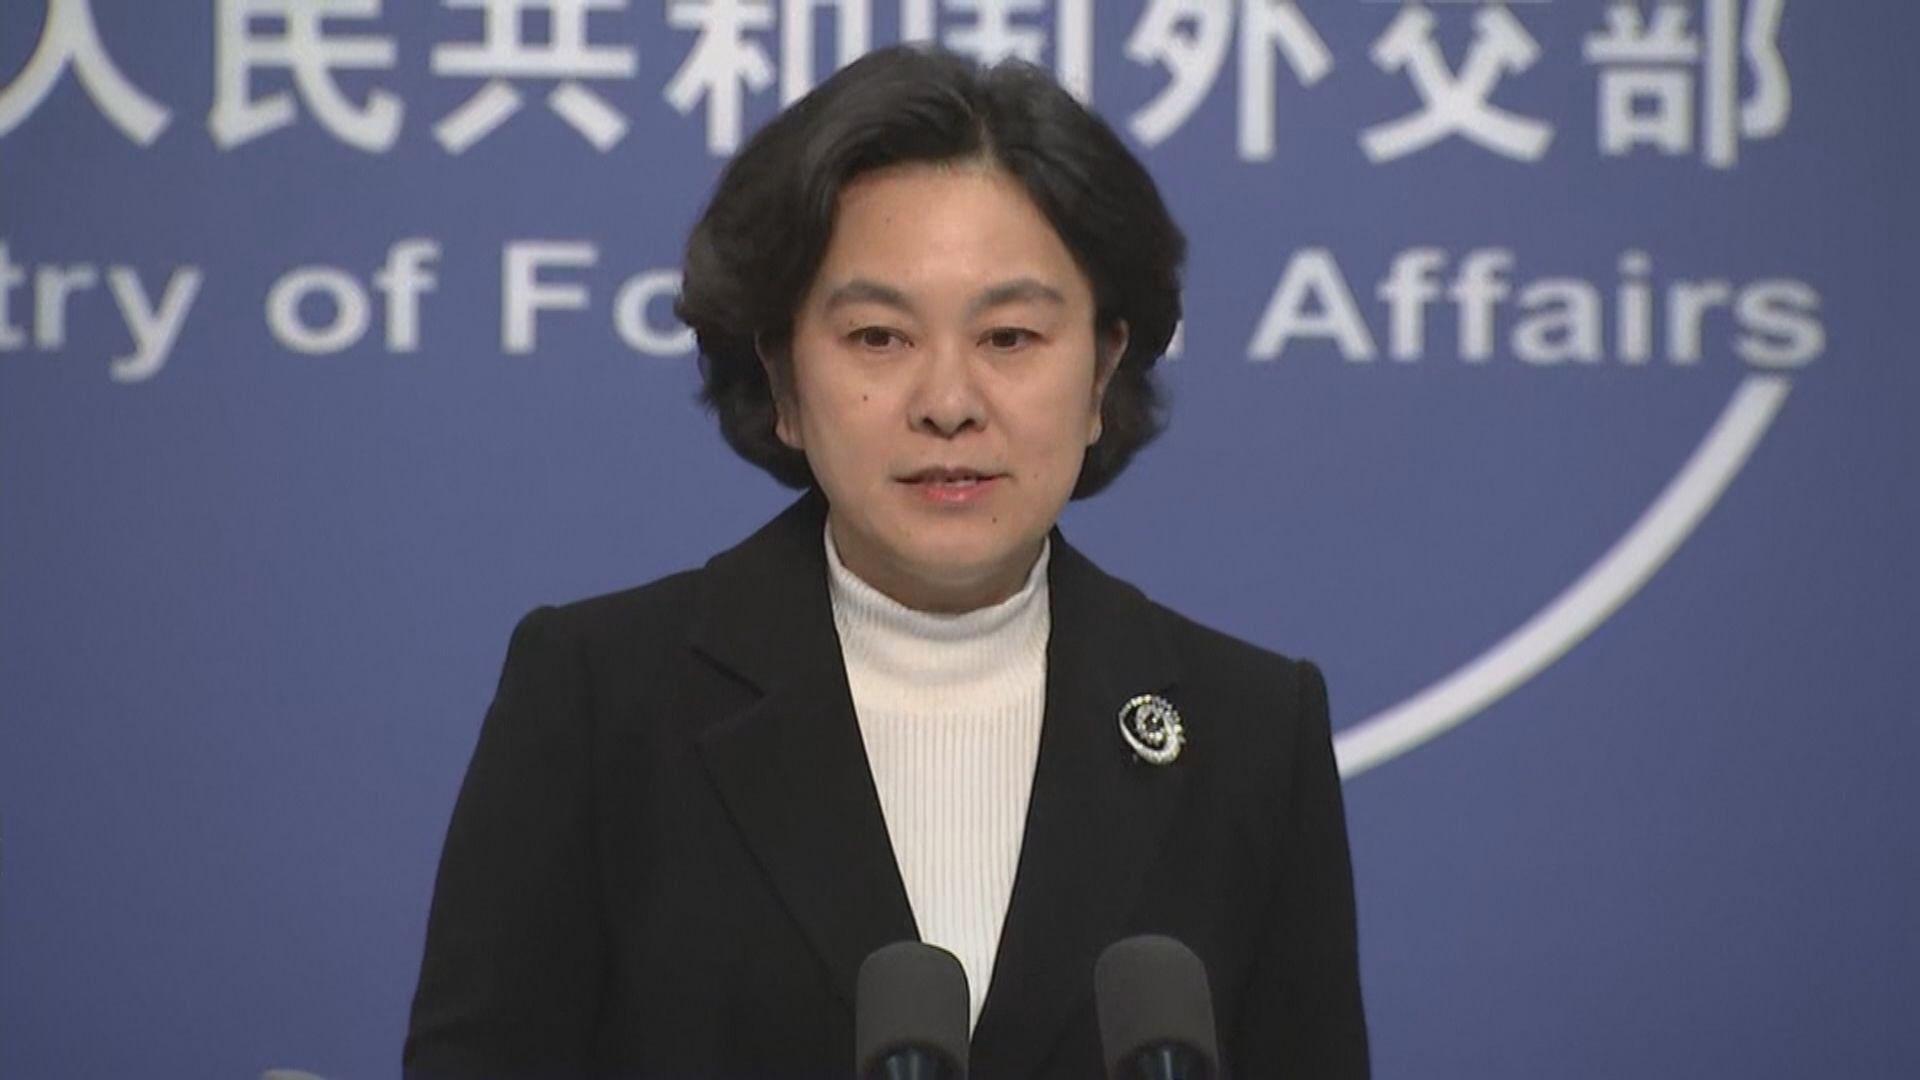 外交部斥彭斯對中國內外政策無端指責